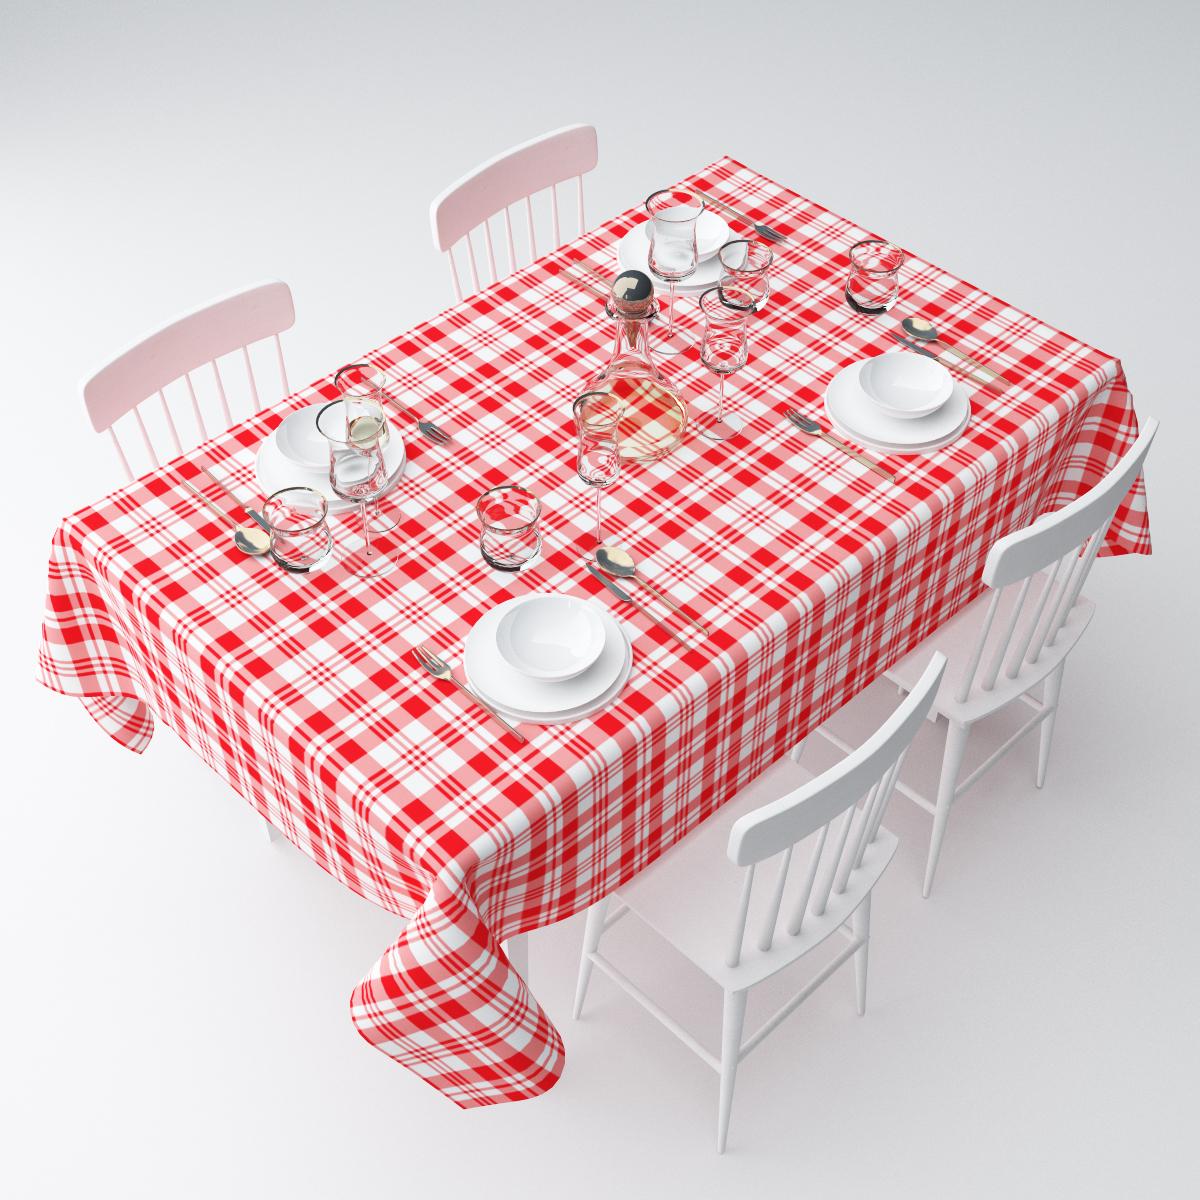 """Прямоугольная скатерть Сирень """"Красная клетка"""", выполненная из  габардина с ярким рисунком, преобразит вашу кухню, визуально  расширит пространство, создаст атмосферу радости и комфорта.    Рекомендации по уходу: стирка при 30 градусах, гладить при температуре до 110  градусов.   Размер скатерти: 145 х 220 см.  Изображение может немного отличаться от реального."""